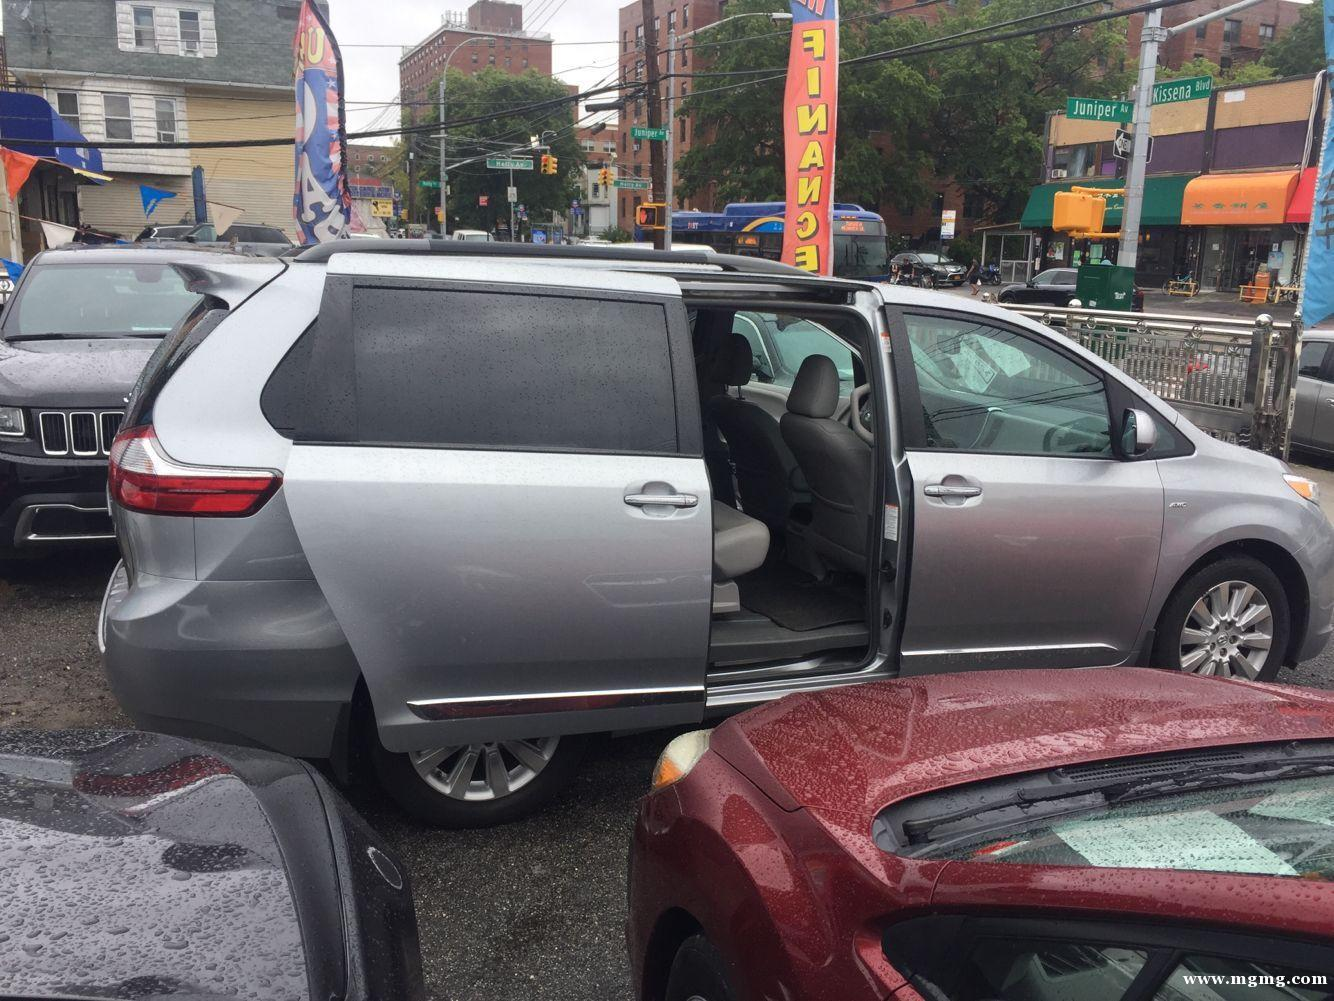 出售2016年 Toyota sienna XLE 7人座,